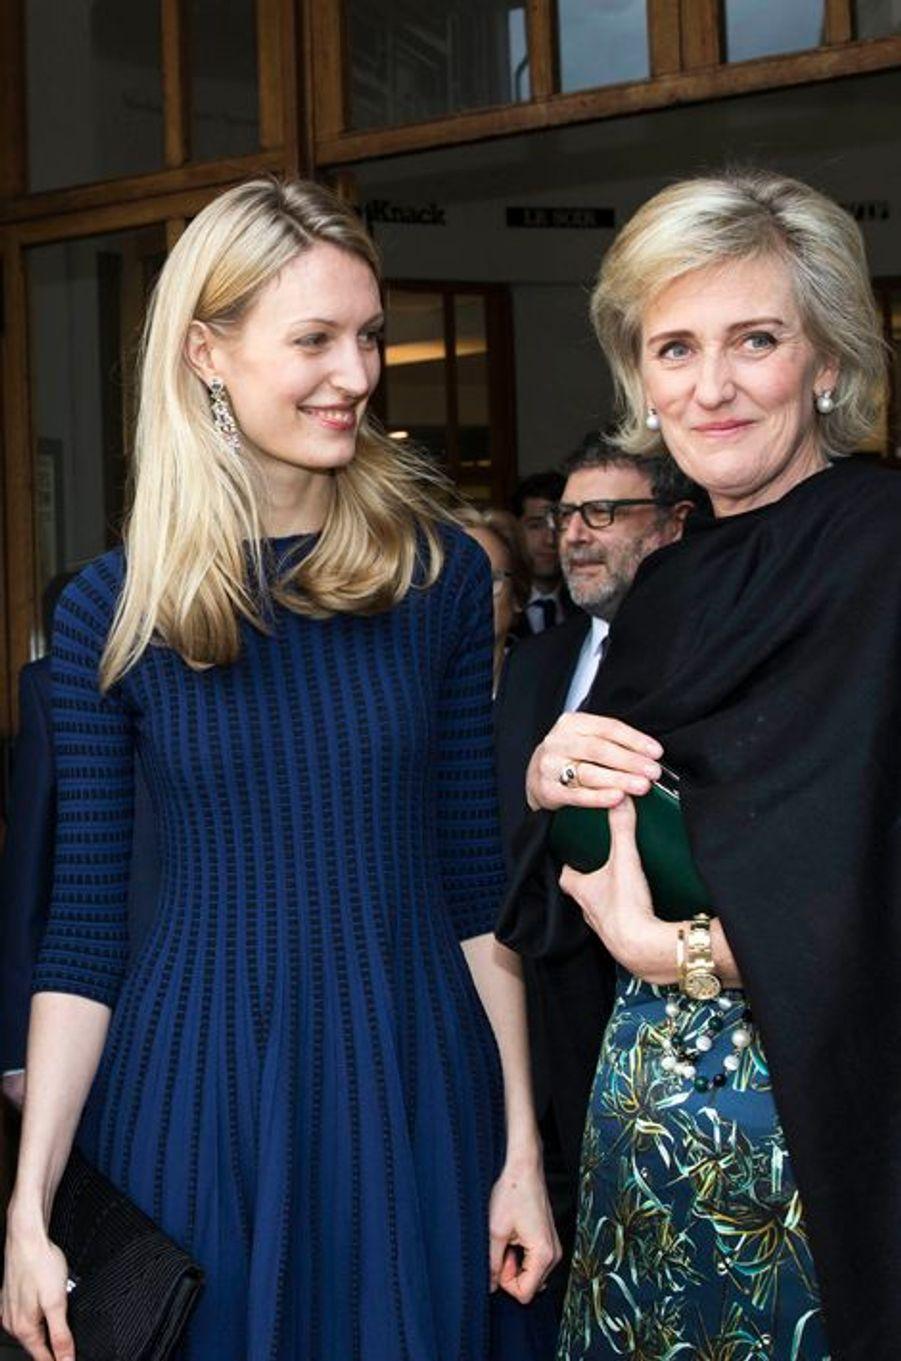 Elisabetta avec sa belle-mère la princesse Astrid de Belgique à Bruxelles, le 31 mars 2015